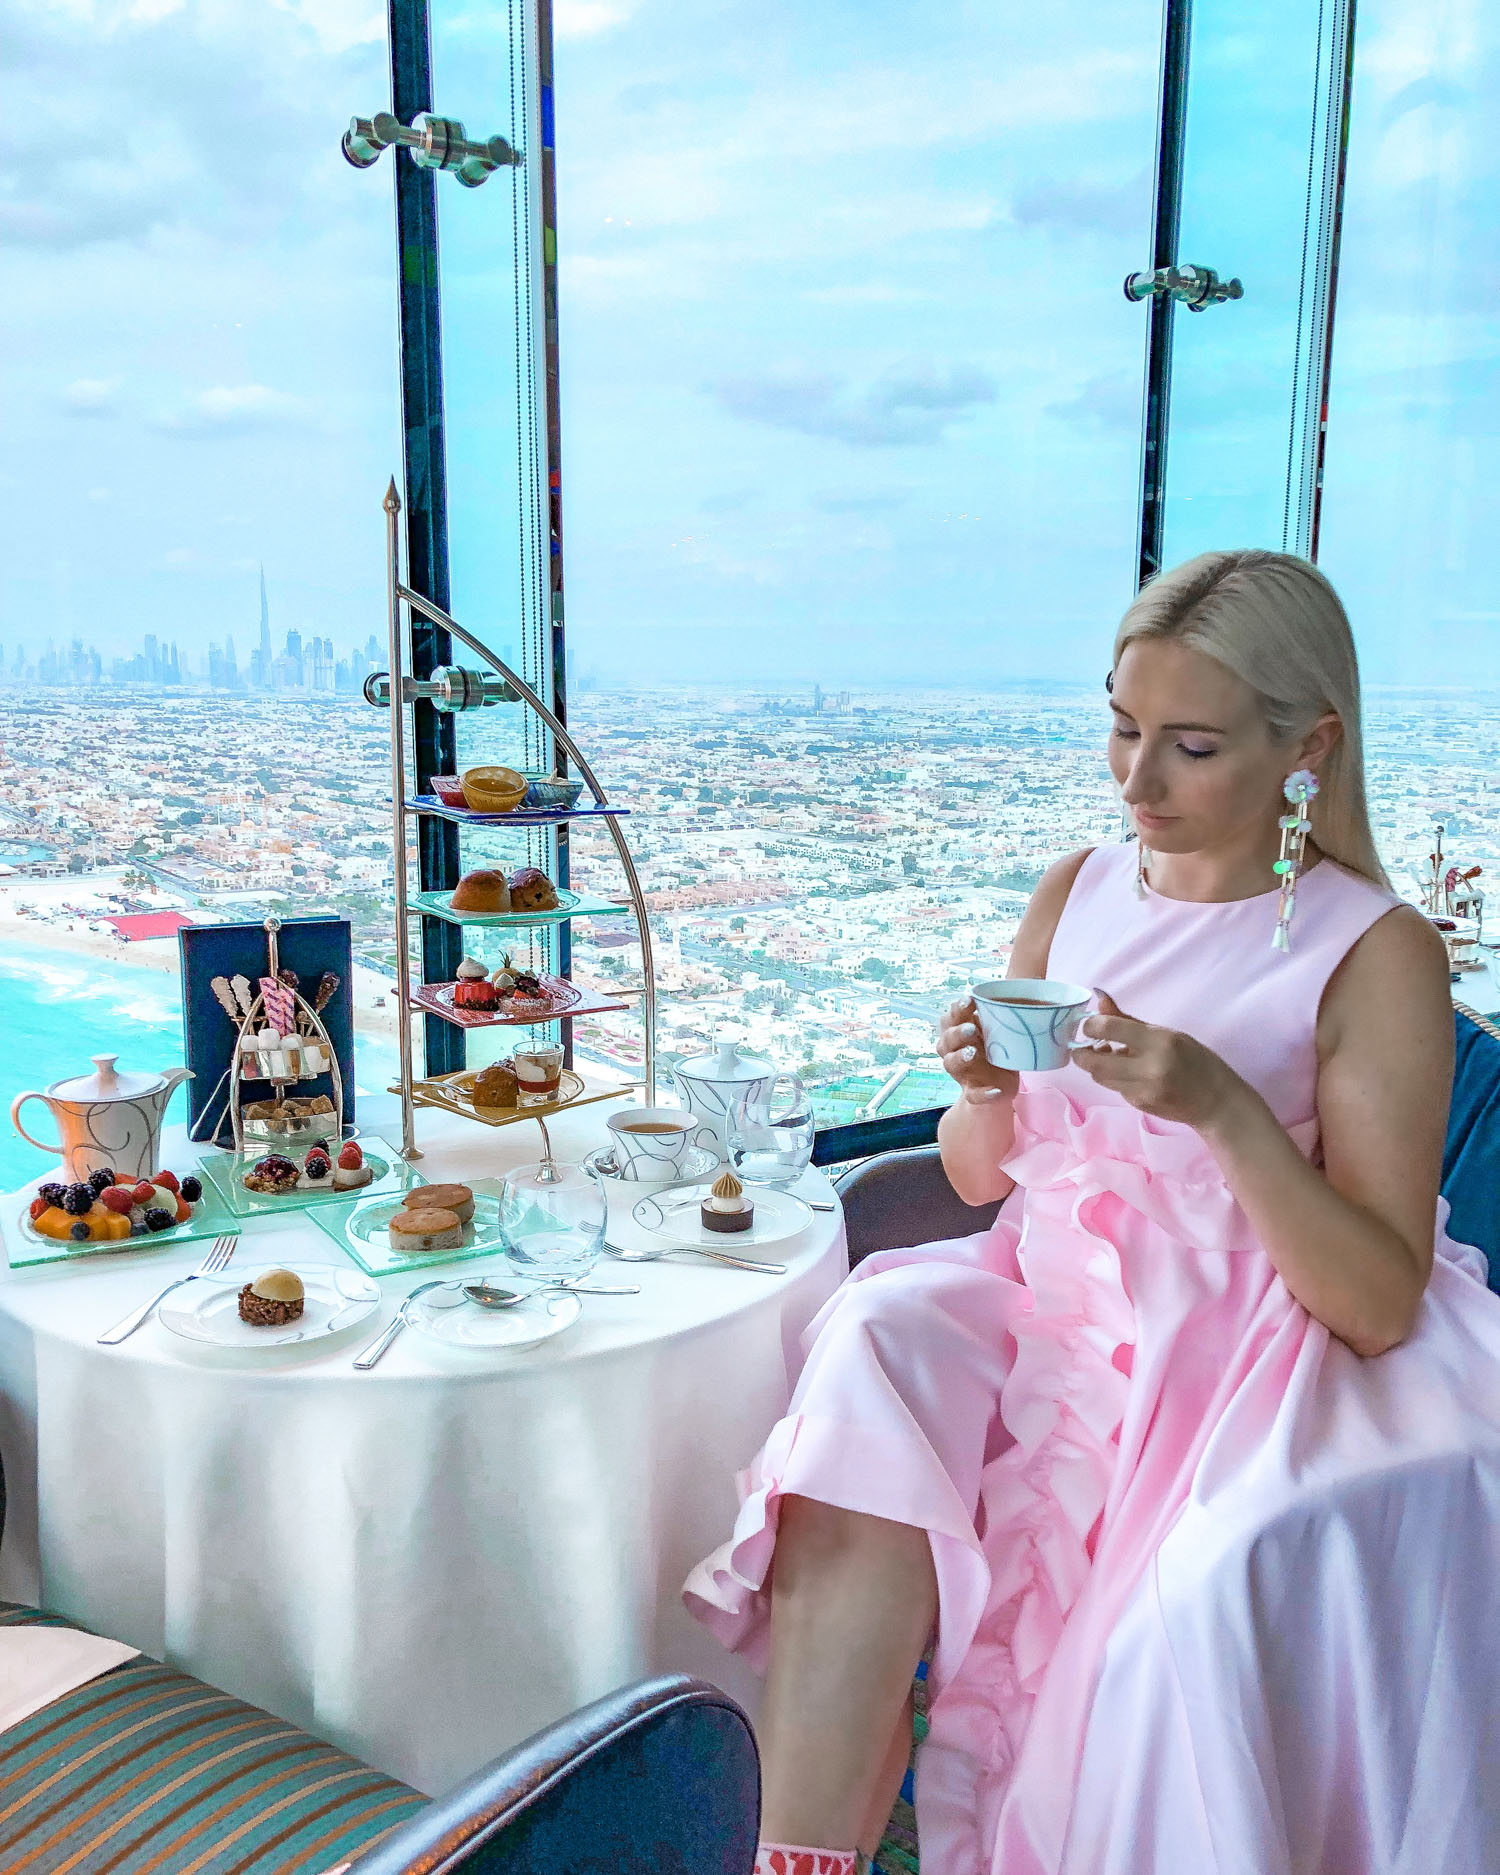 Skyview Bar at the Burj al Arab